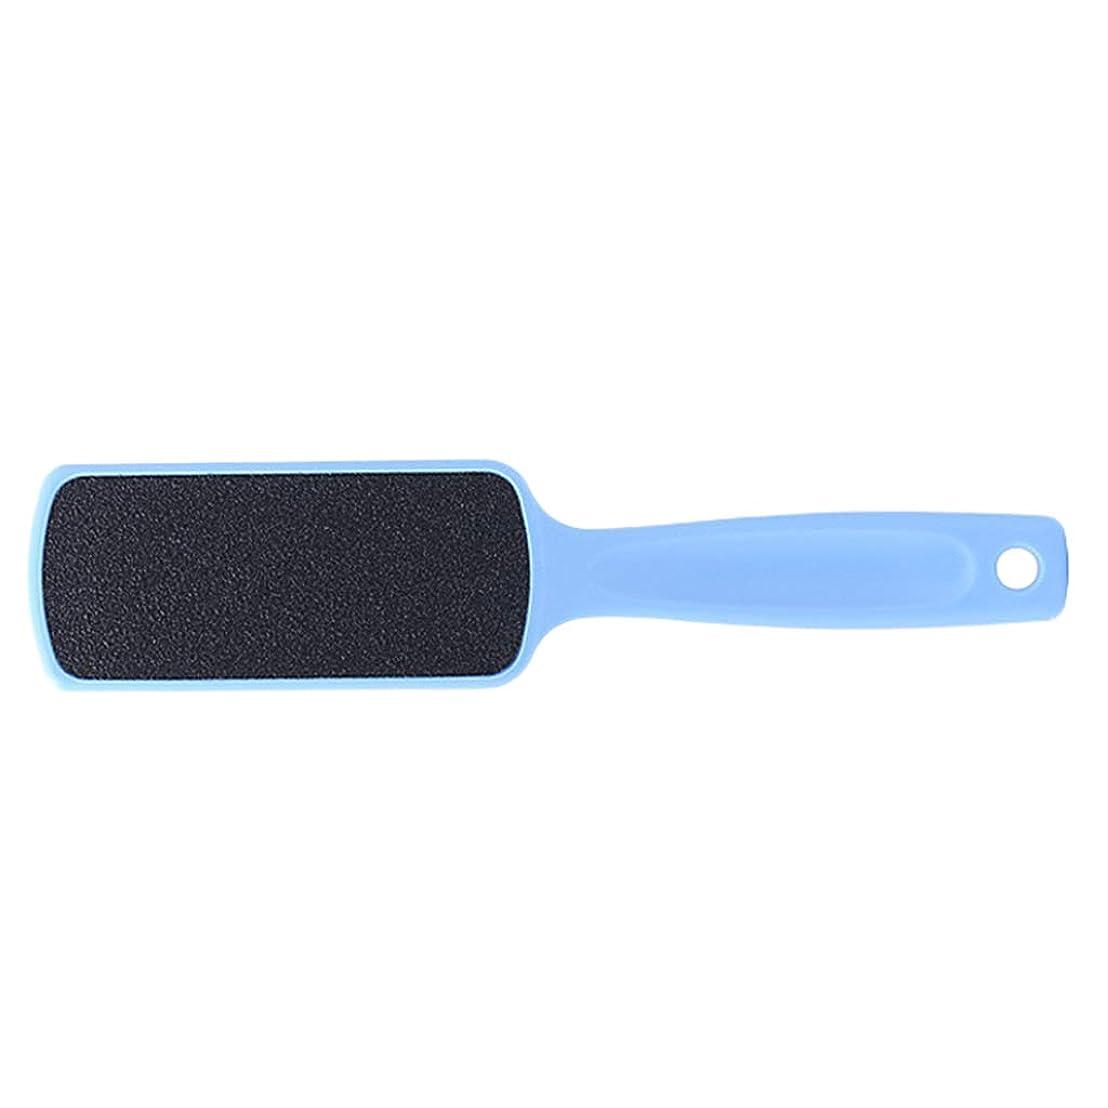 どれでも統計的意気消沈したSM SunniMix フットファイル 足ファイル 角質除去 角質リムーバー 長いハンドル 滑り止め 全3色 - ライトブルー